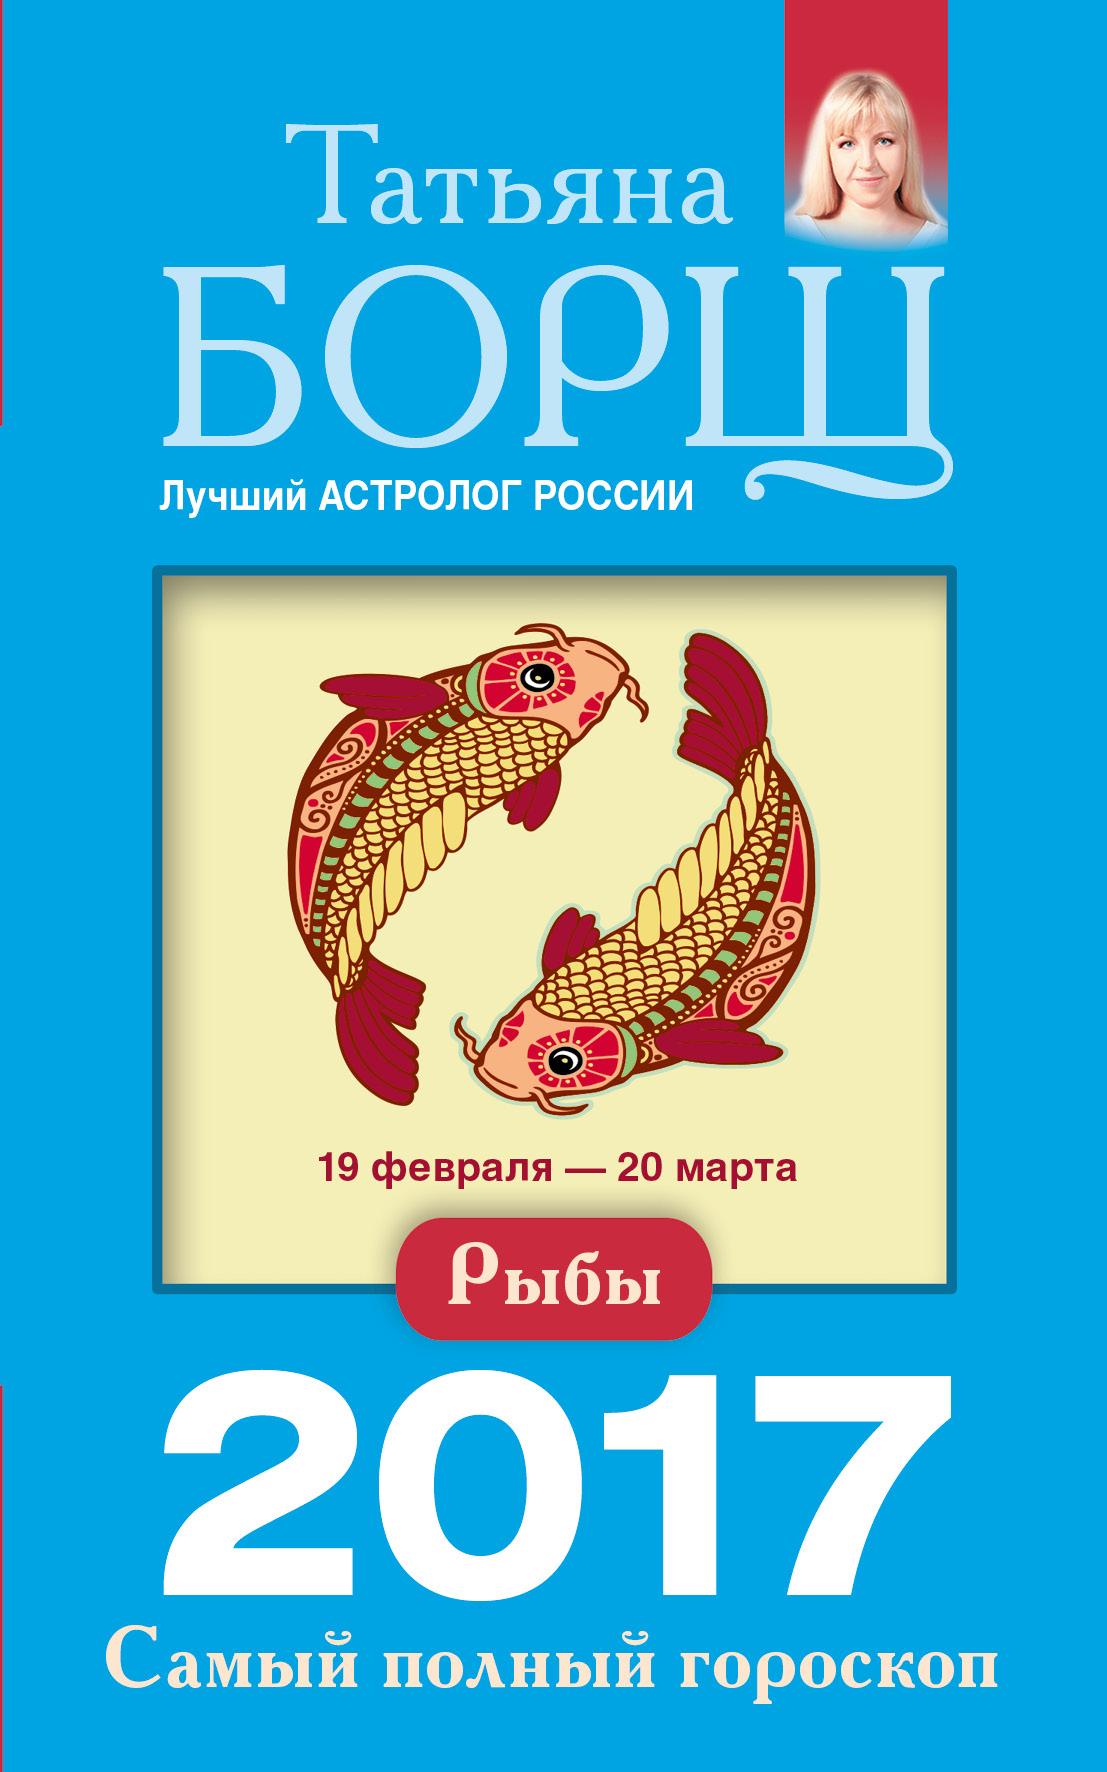 Рыбы. Самый полный гороскоп на 2017 год. 19 февраля - 20 марта